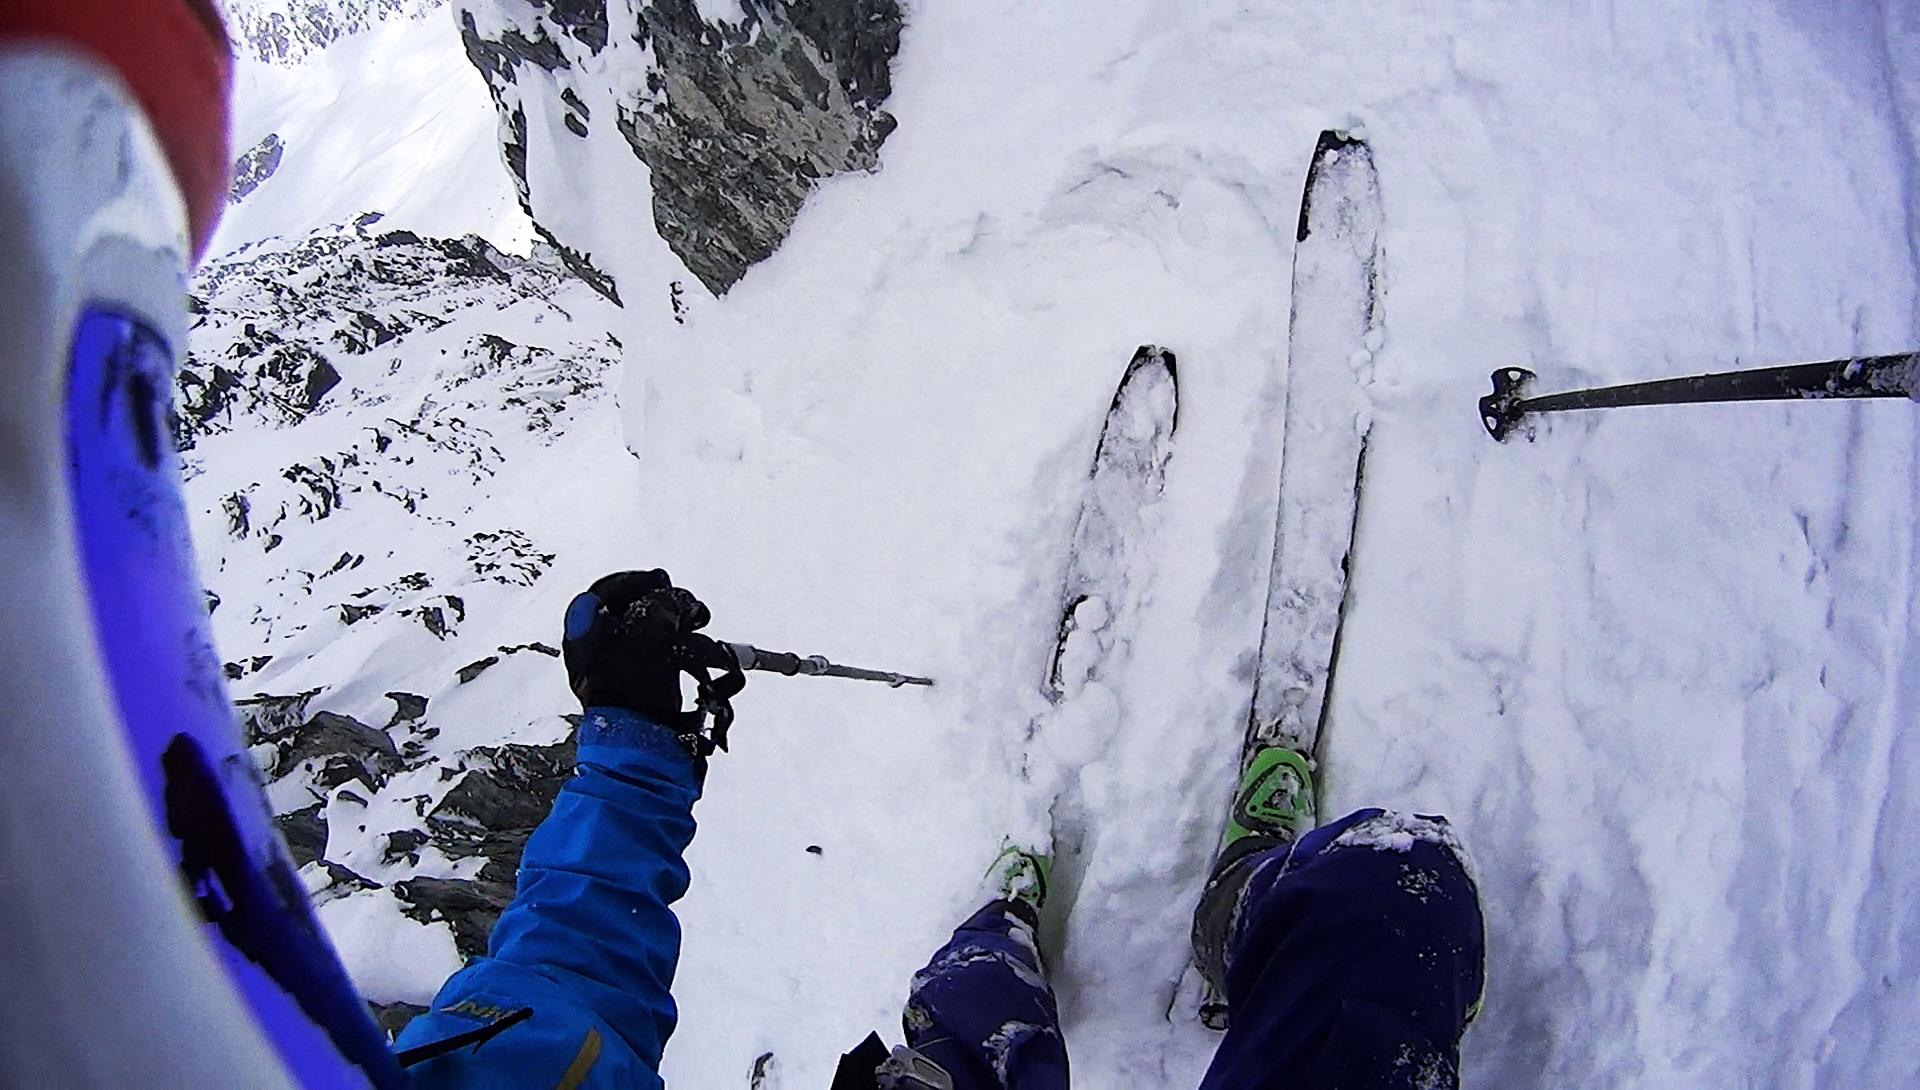 steeps